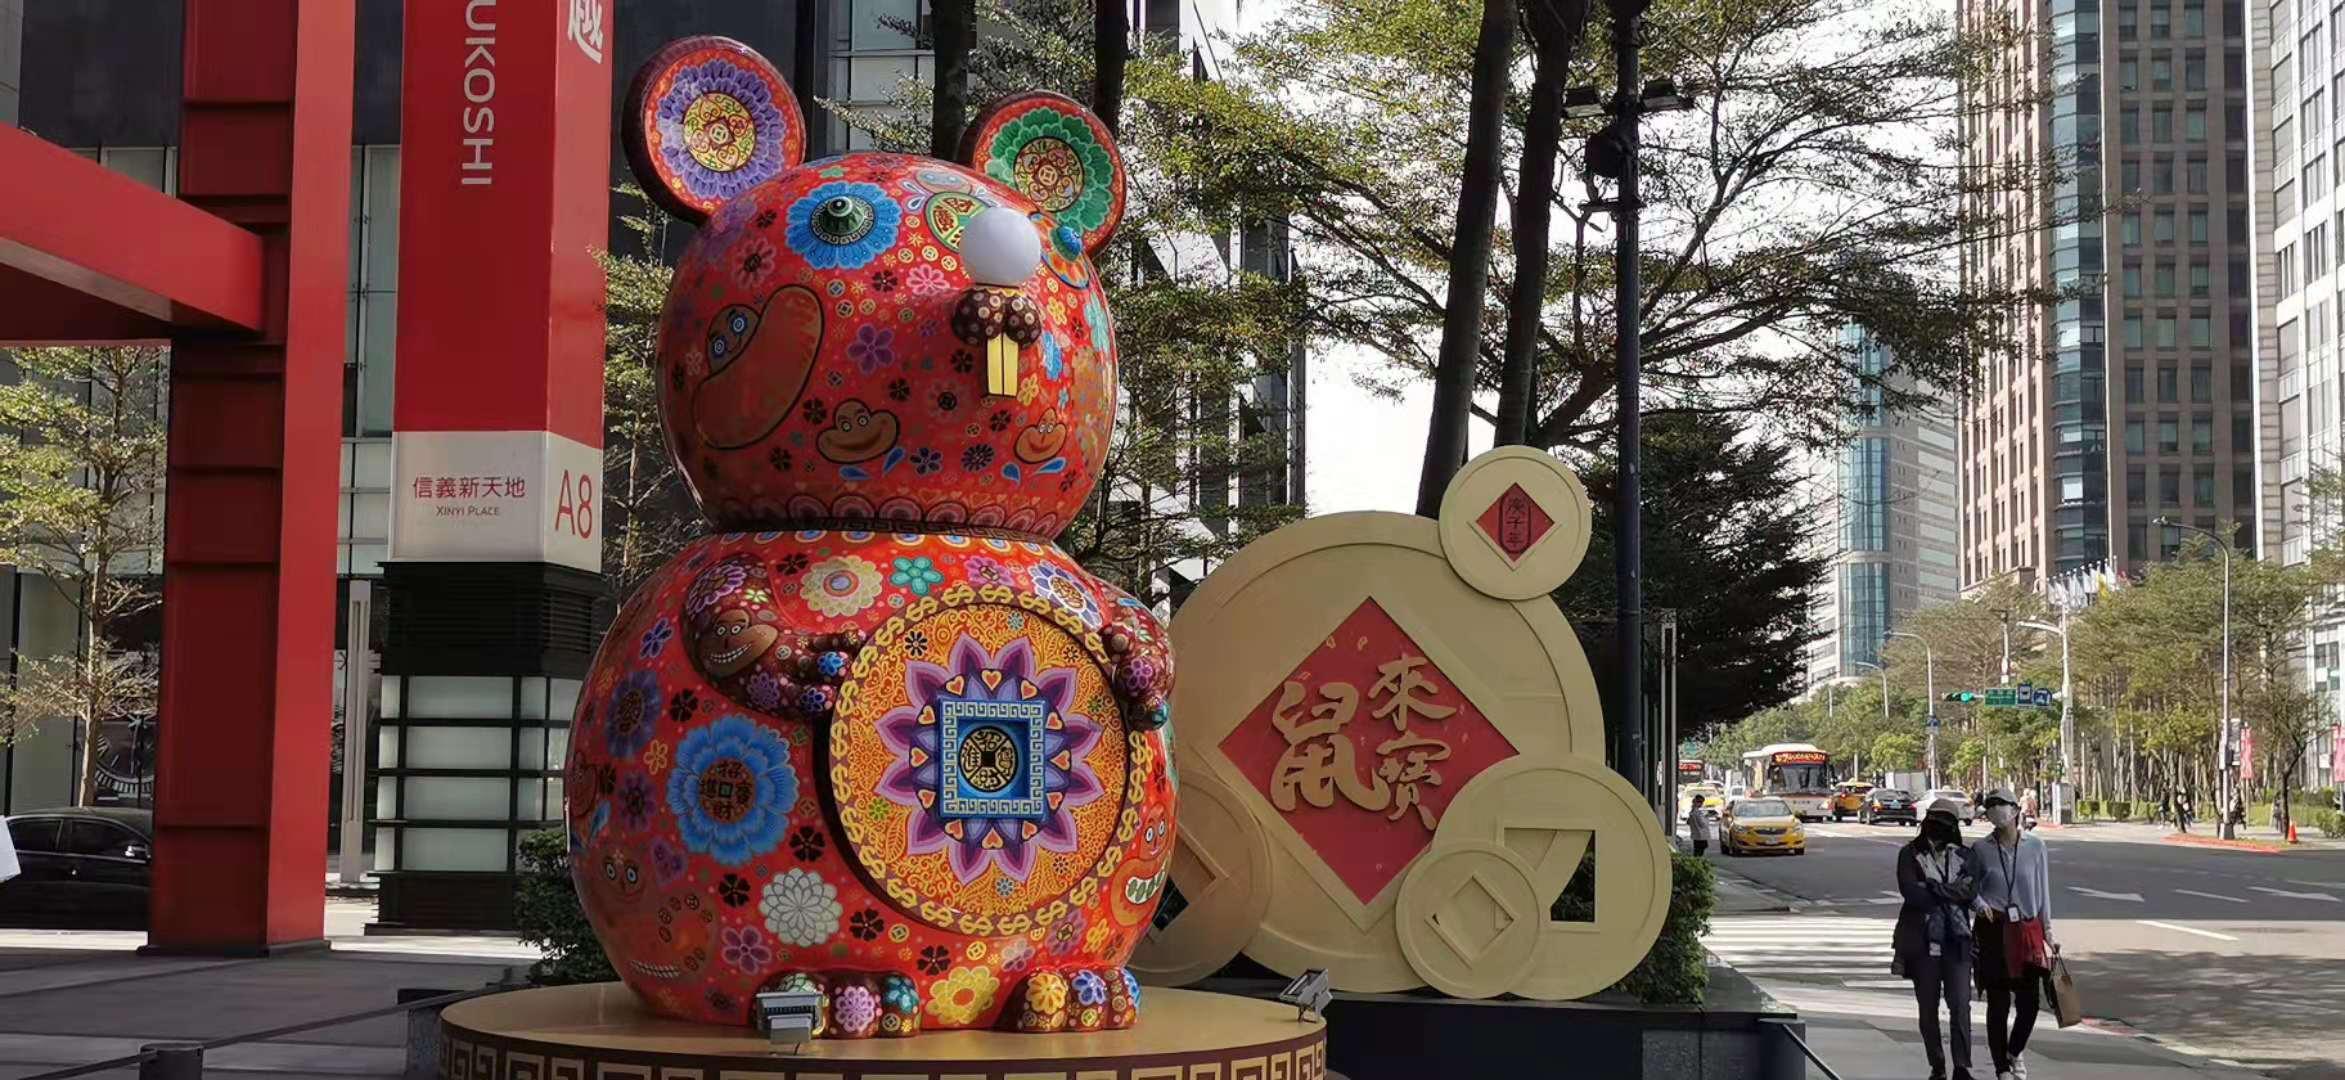 台湾街头的鼠年元素2.jpg